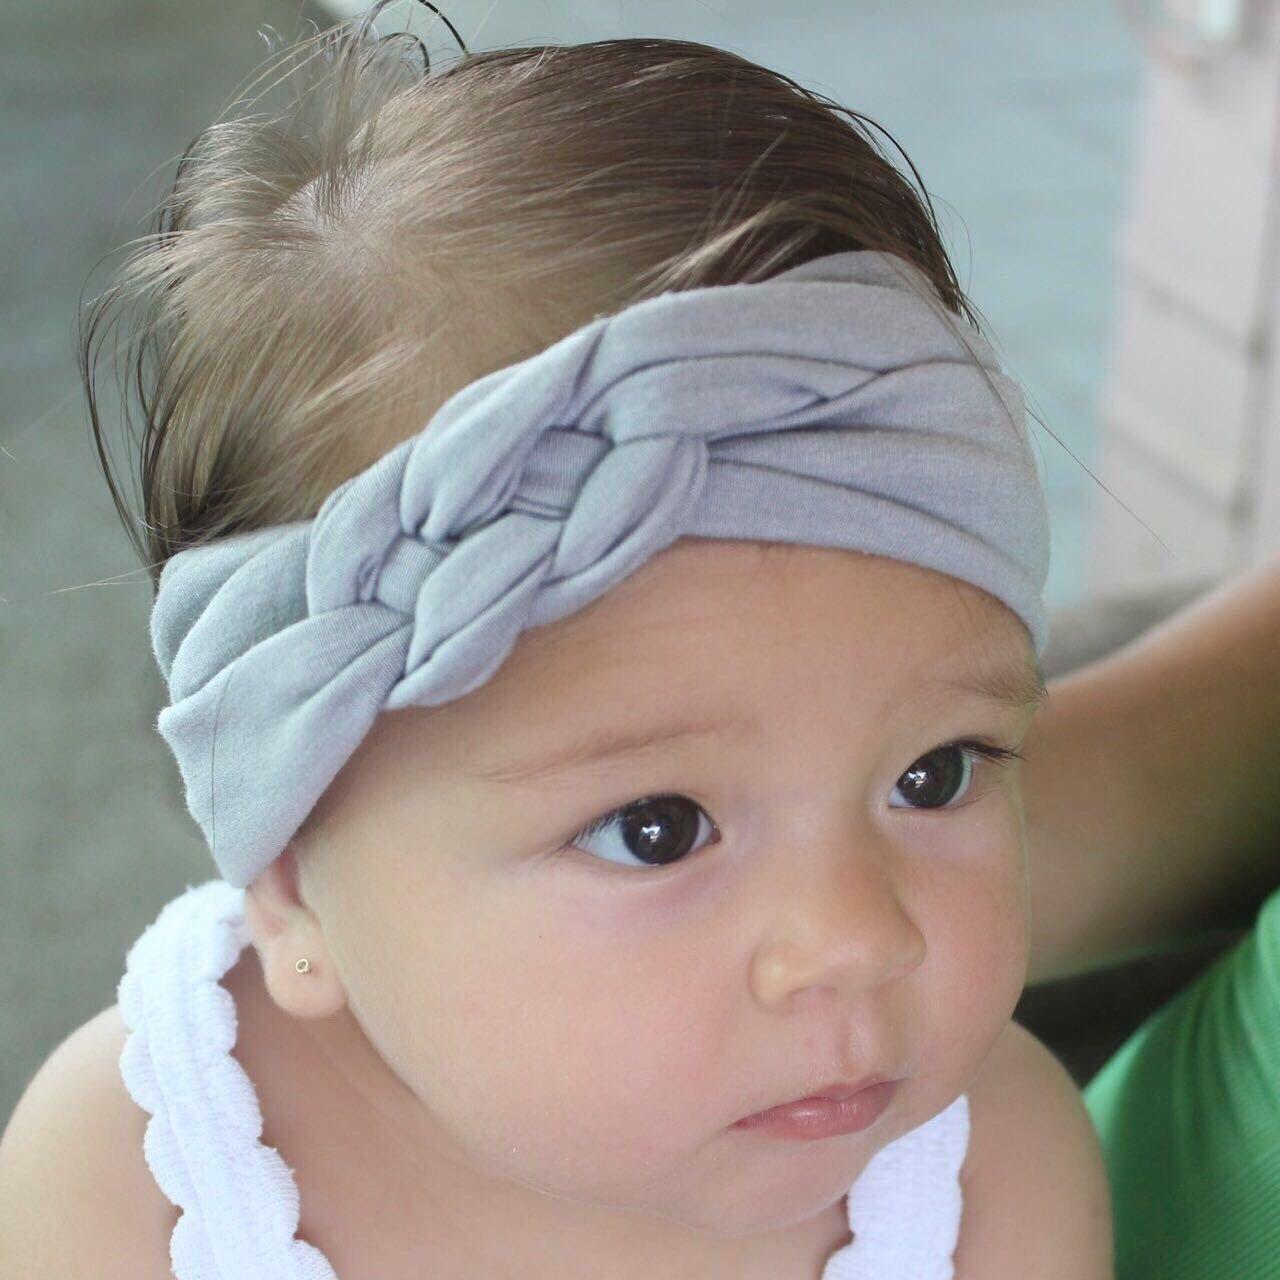 baby headband bow baby shower gift chevron headband newborn photo prop infant headband newborn headband girls bows headband for baby gifts